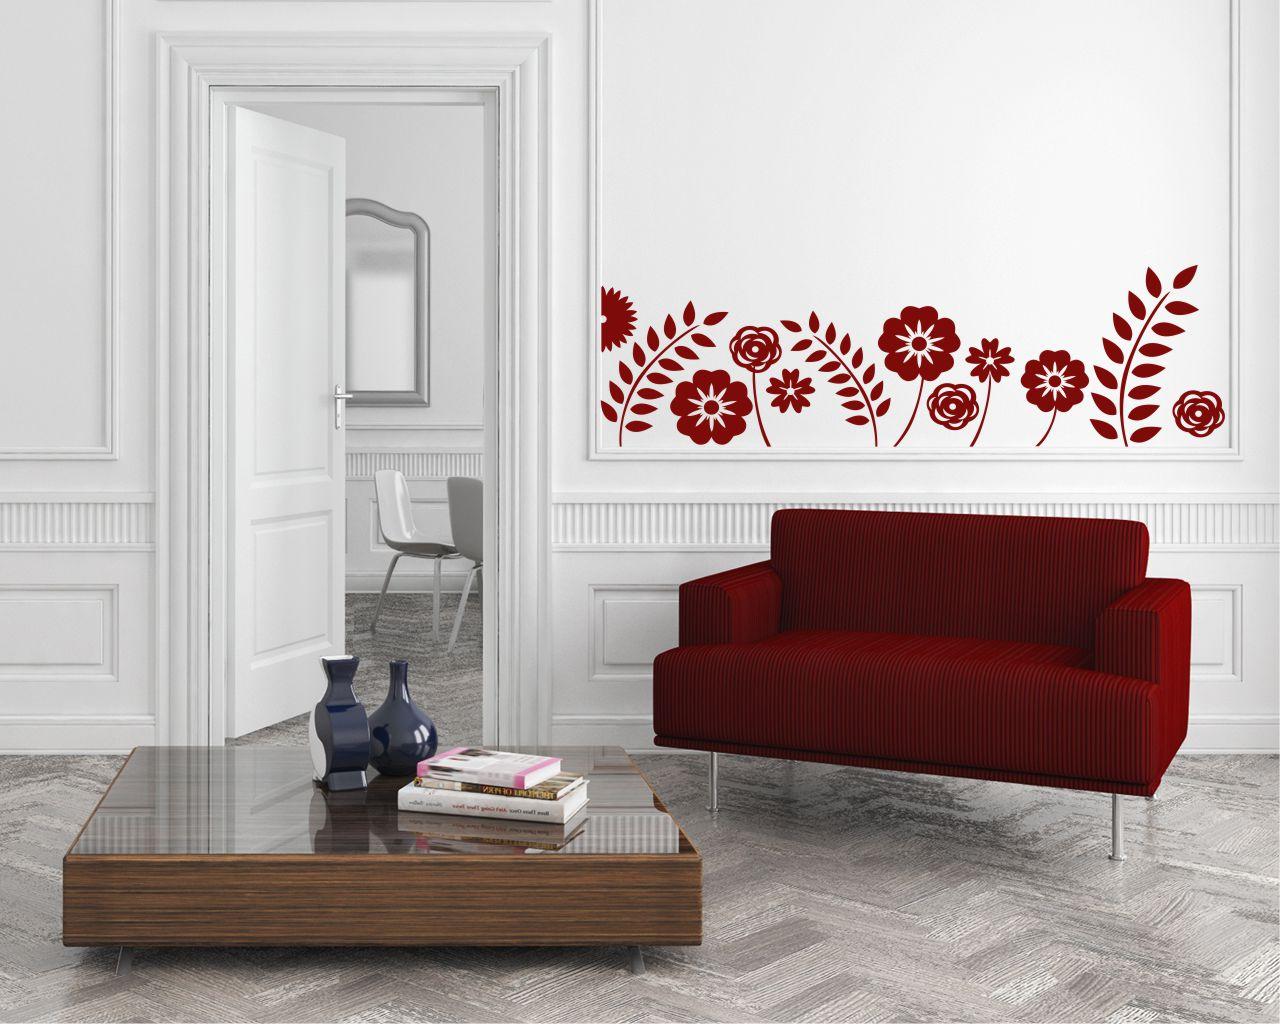 Adesivo murale-papaveri tra spighe